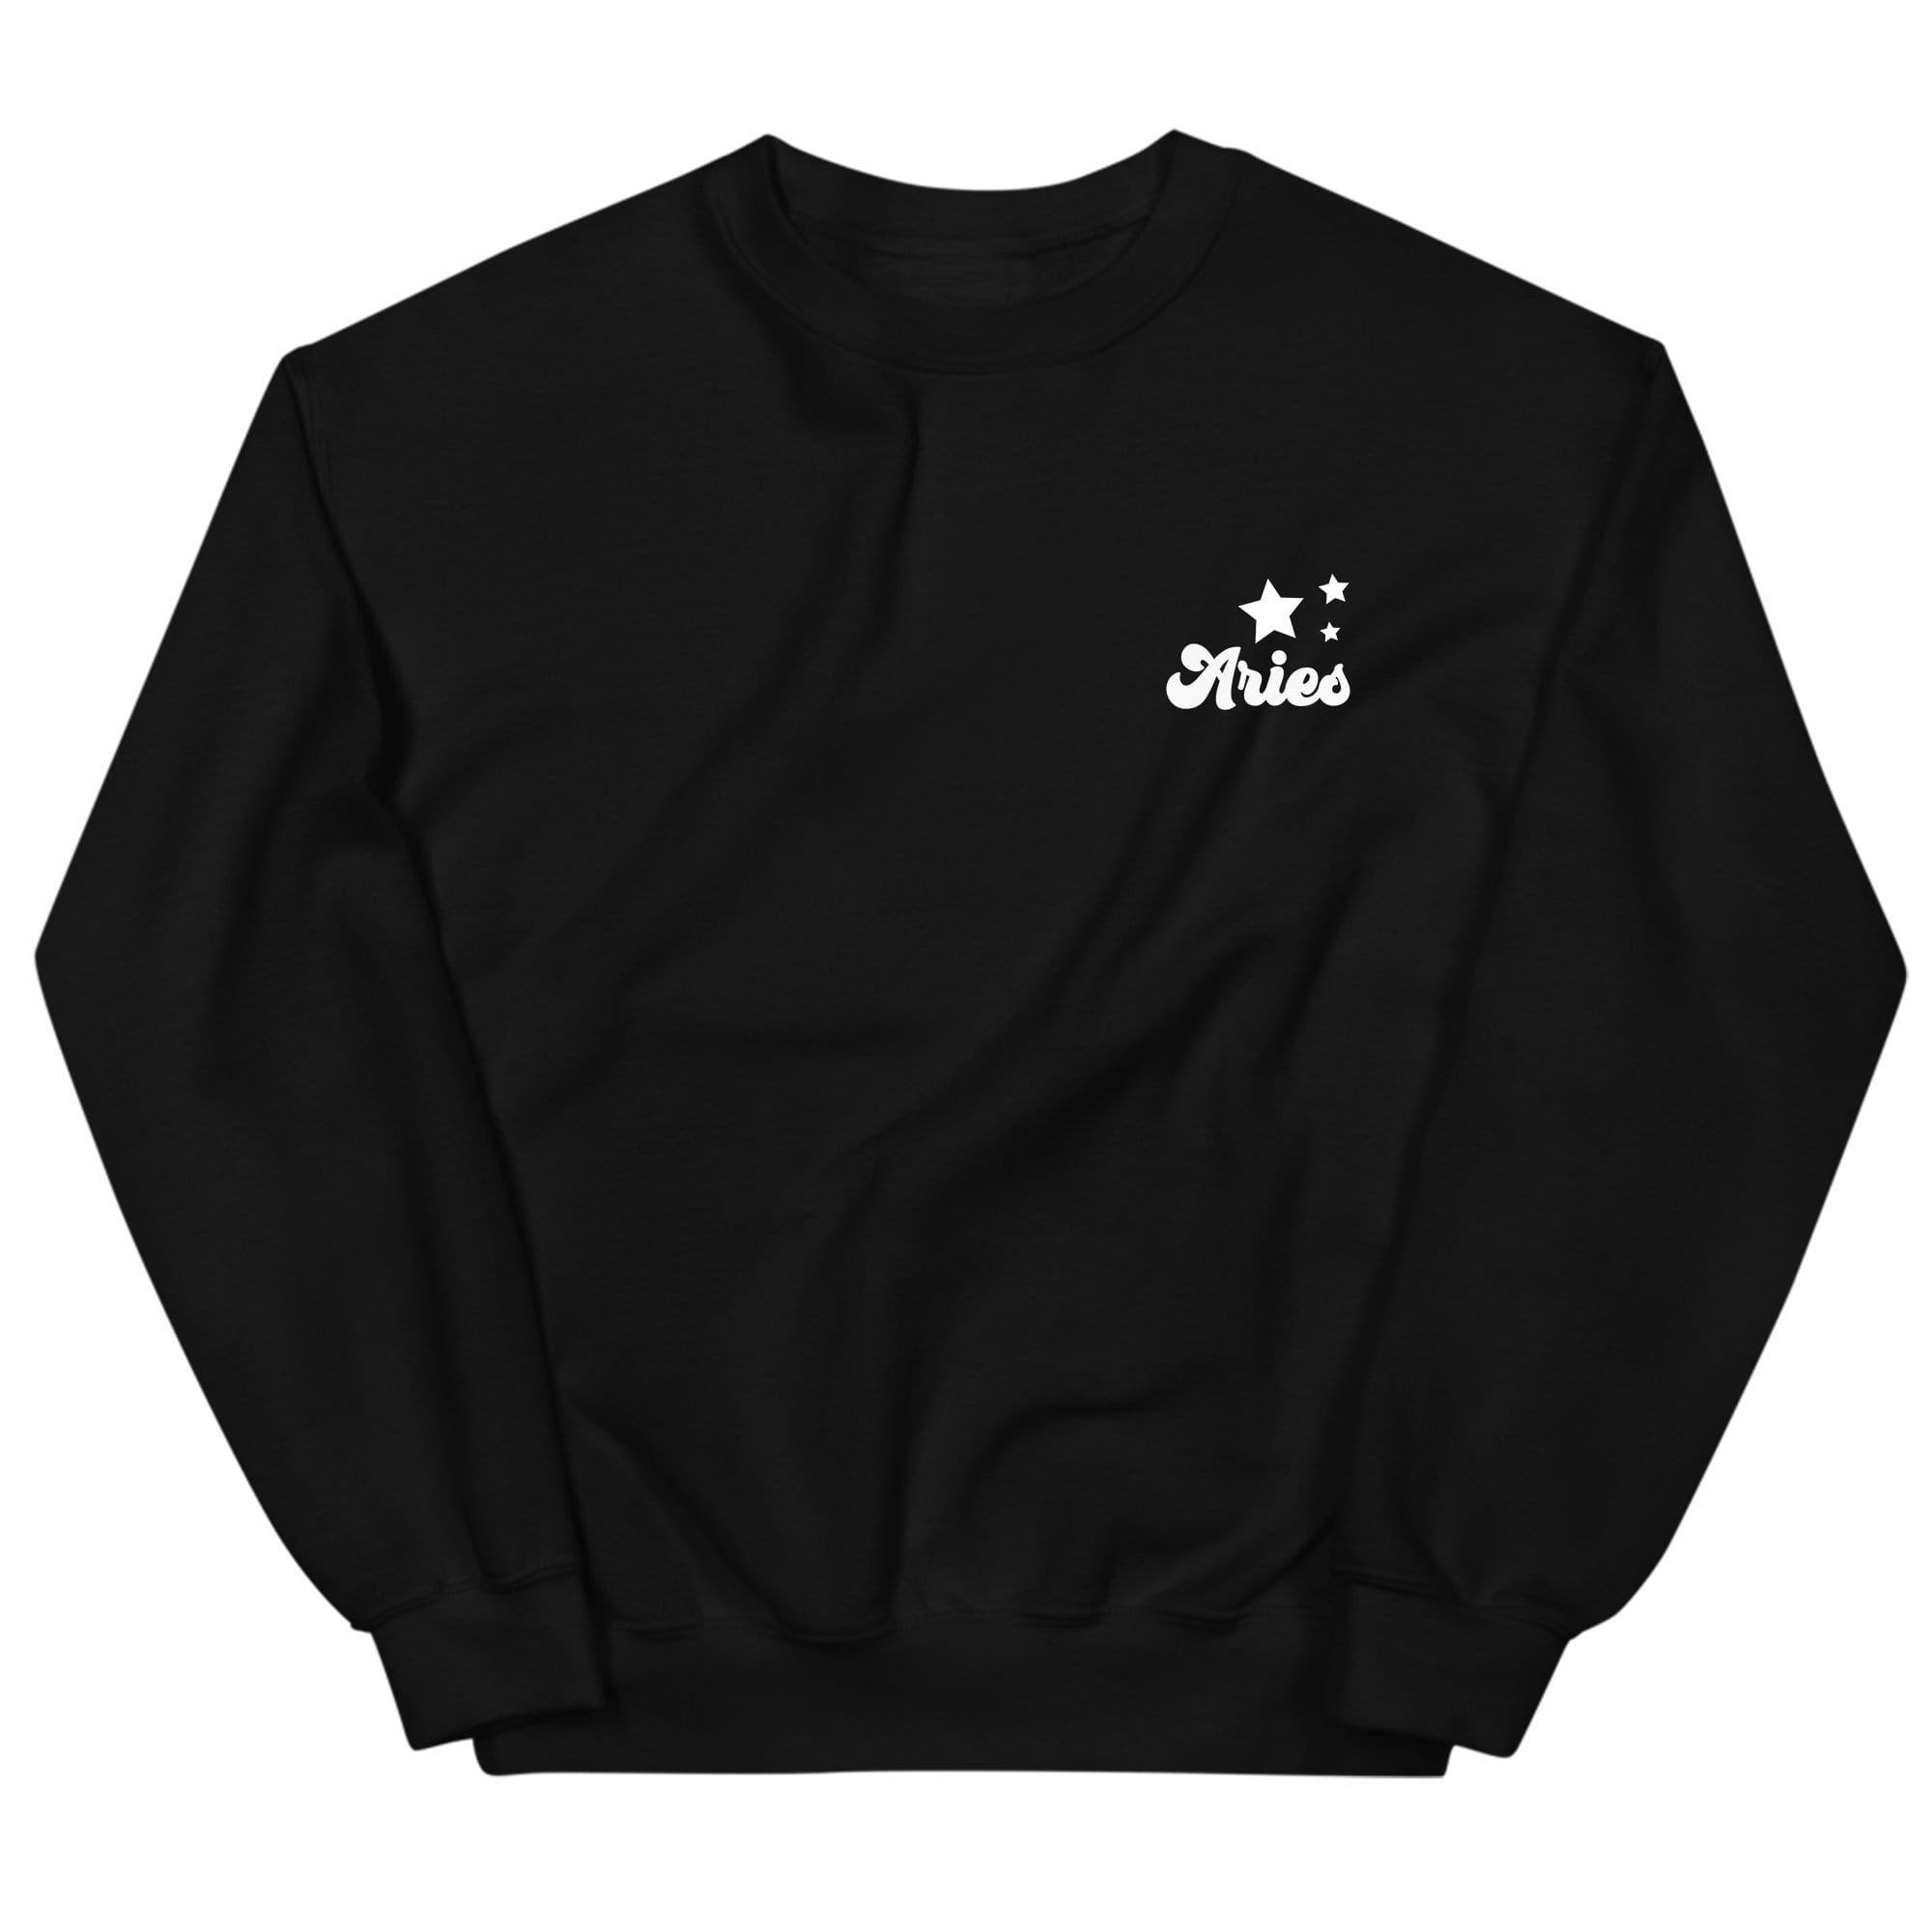 Aries Star Sweatshirt DK26MA1